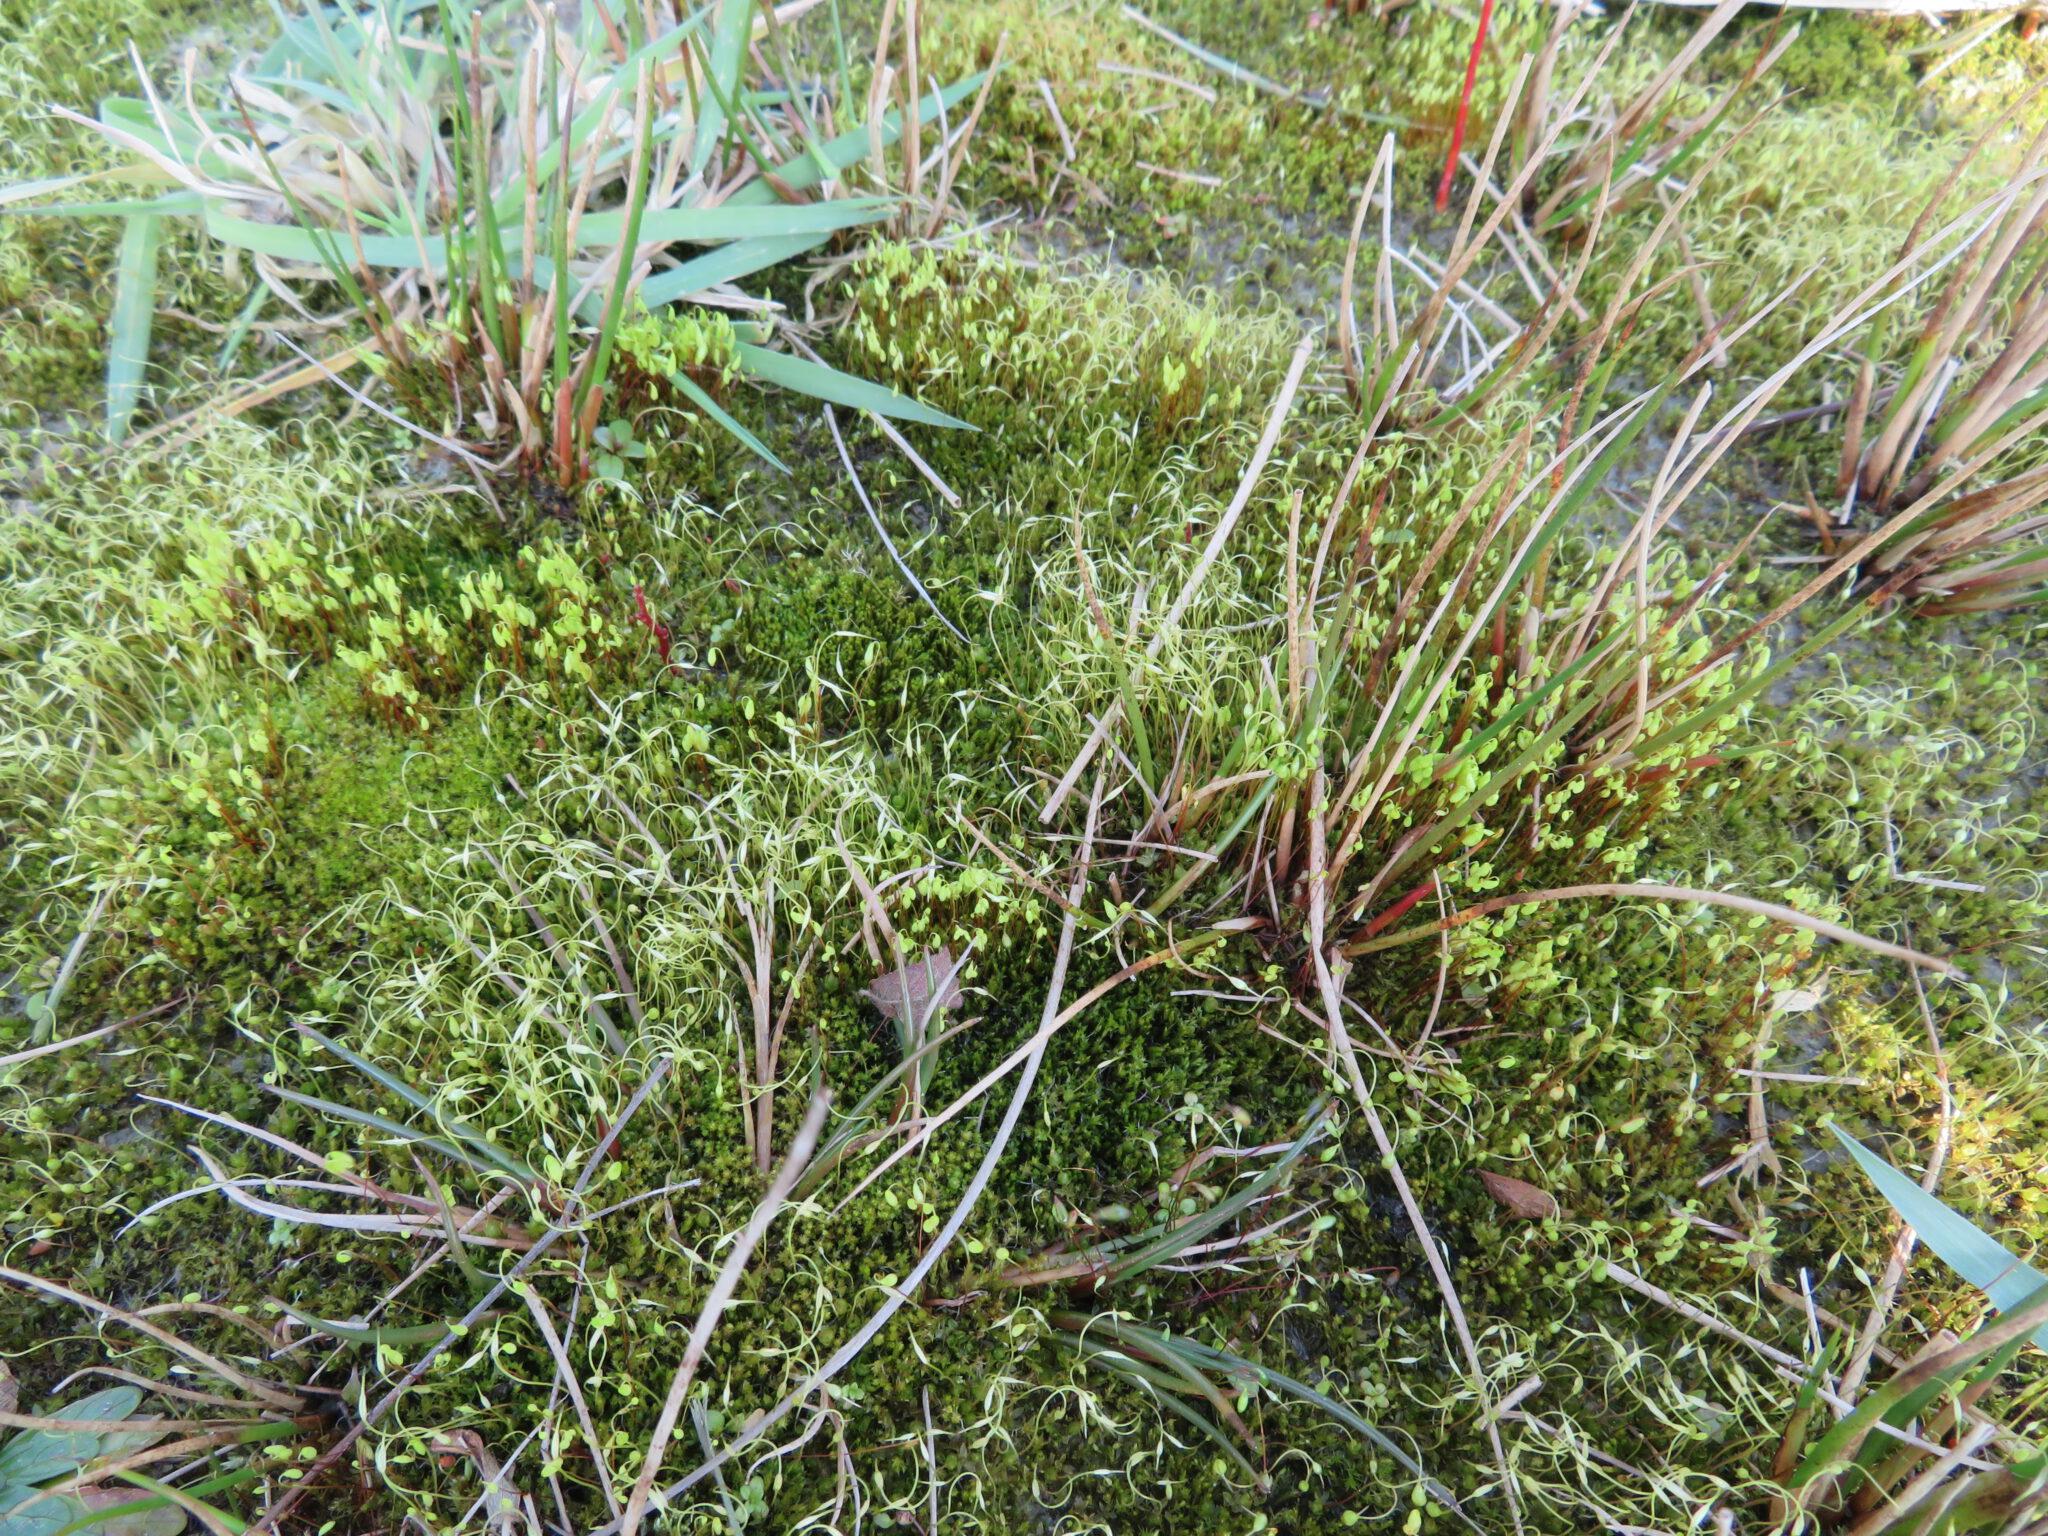 Zaterdag 12 december 12.00: Online lezing op de FLORON dag  over Plantenmonitoring in de Binnenveldse Hooilanden